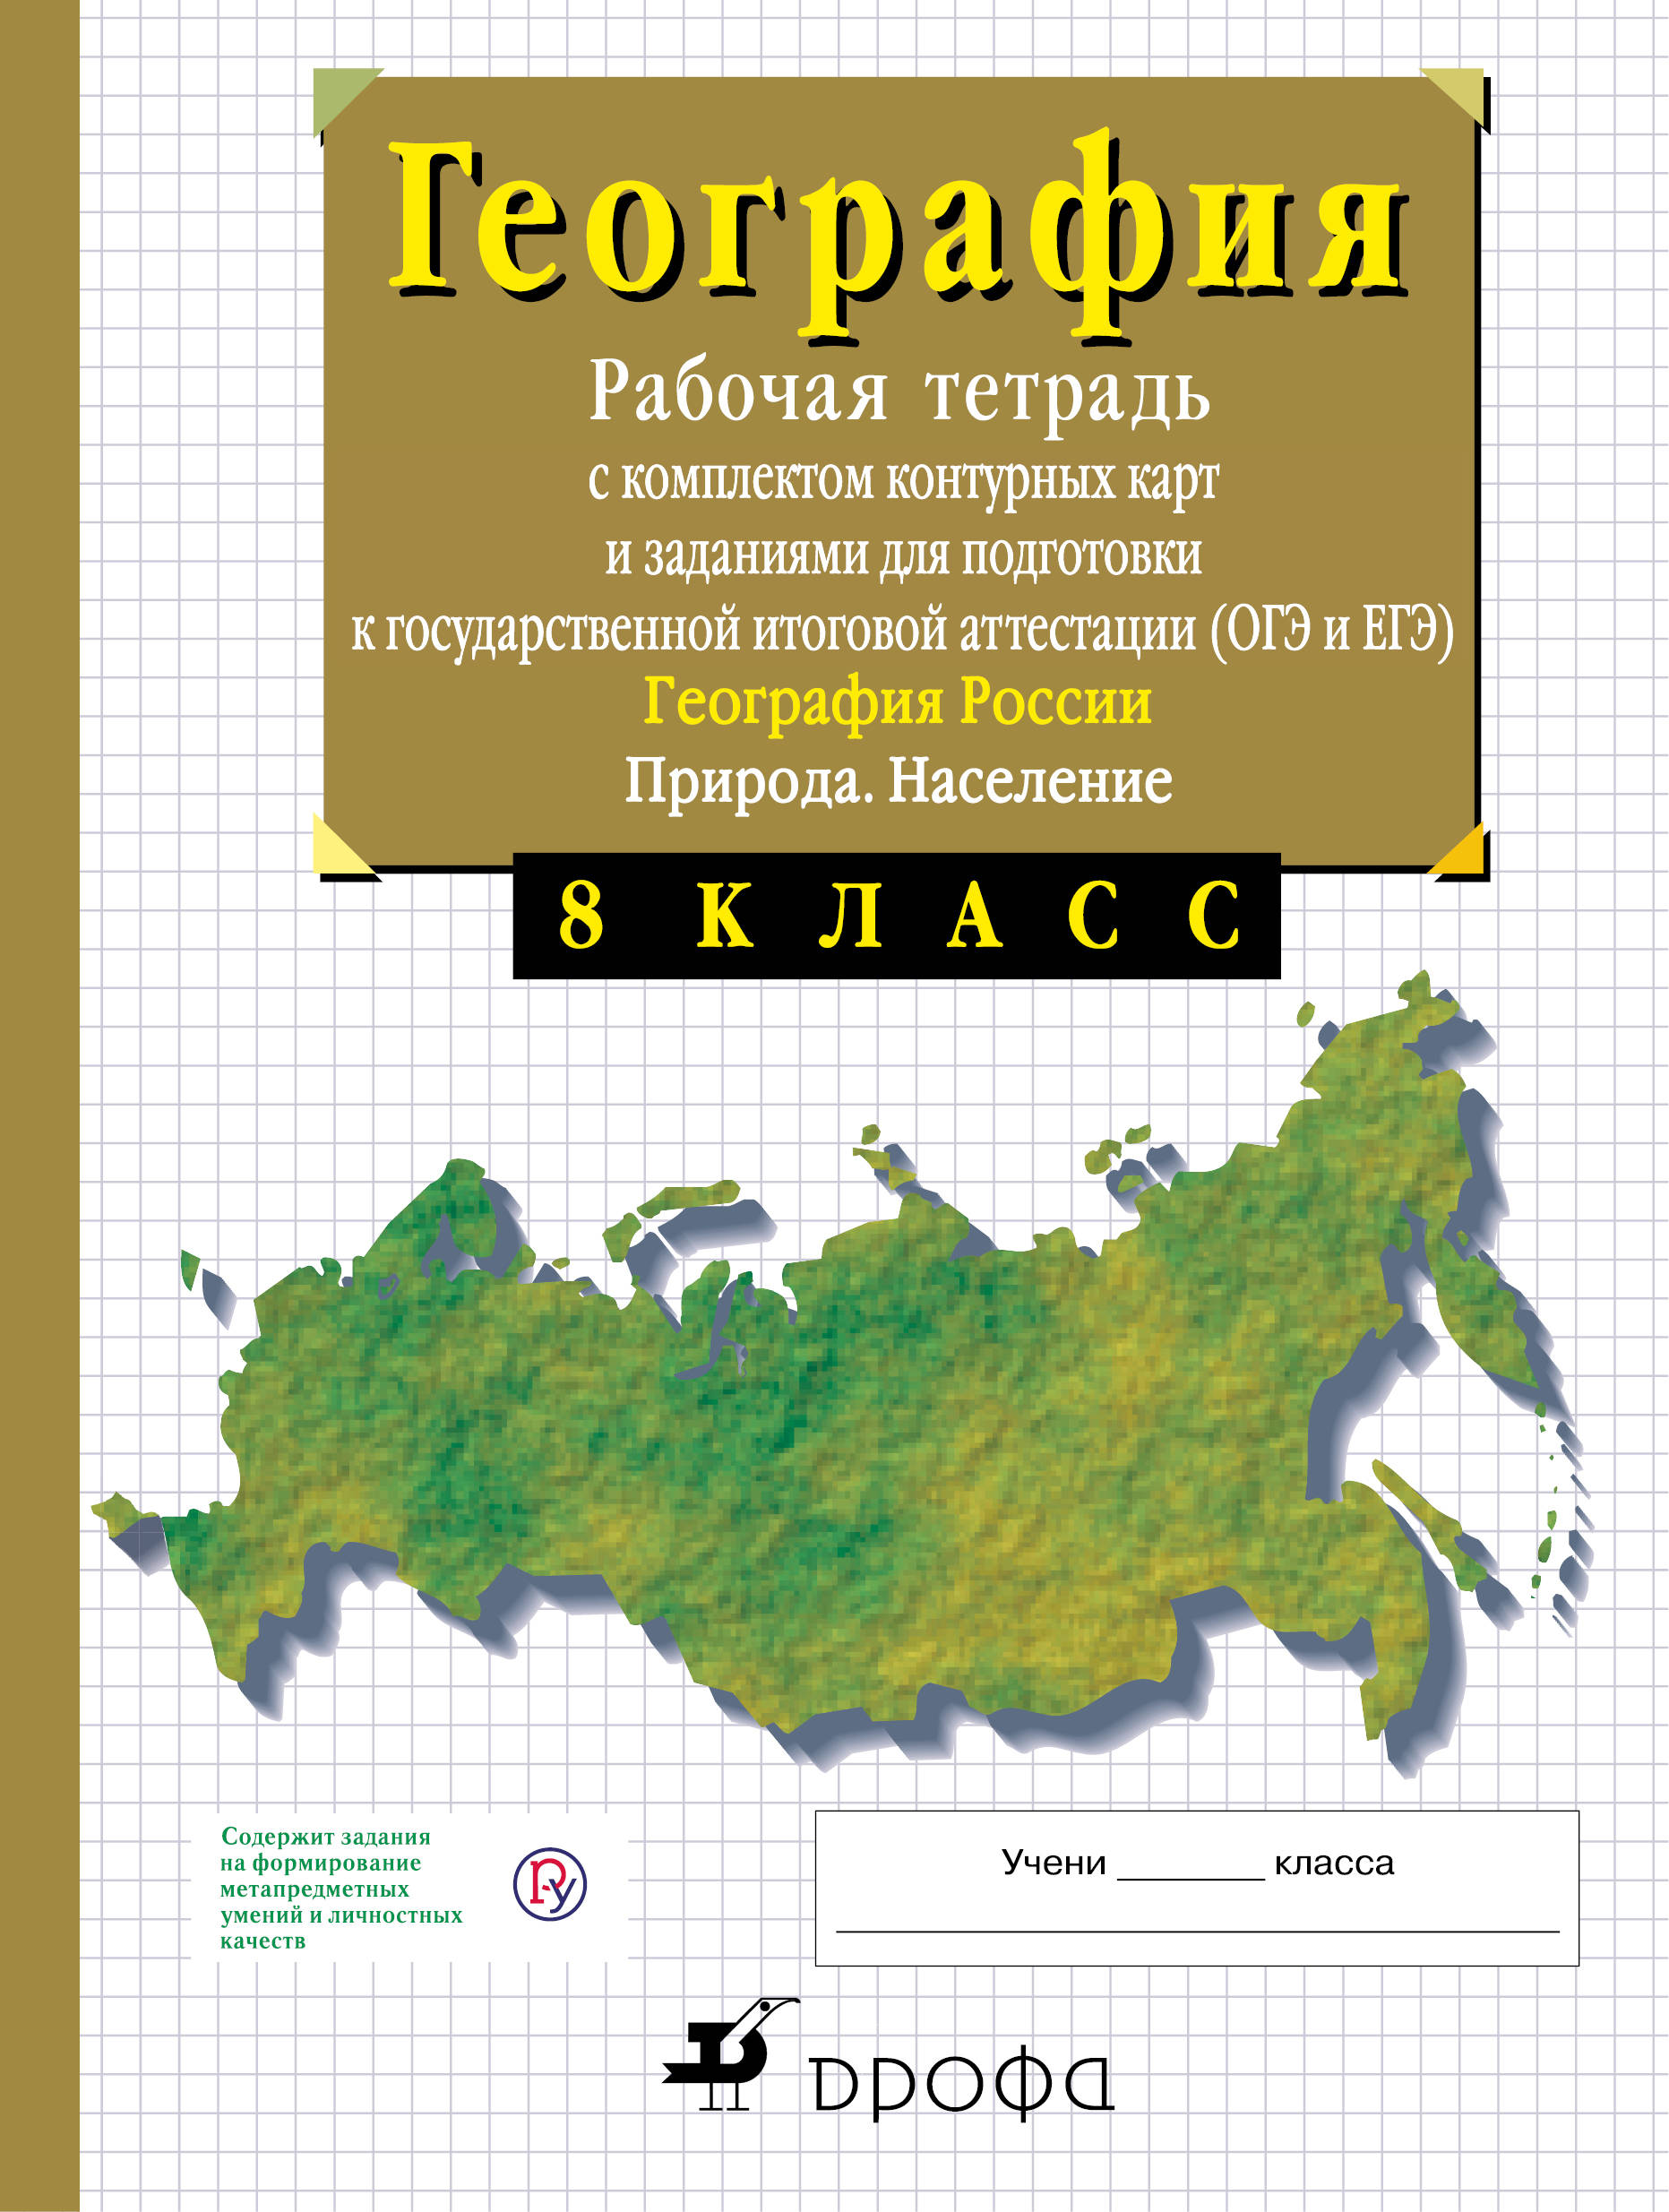 8 класс. География России. Природа. Рабочая тетрадь с контурными картами (с тестовыми заданиями ЕГЭ)